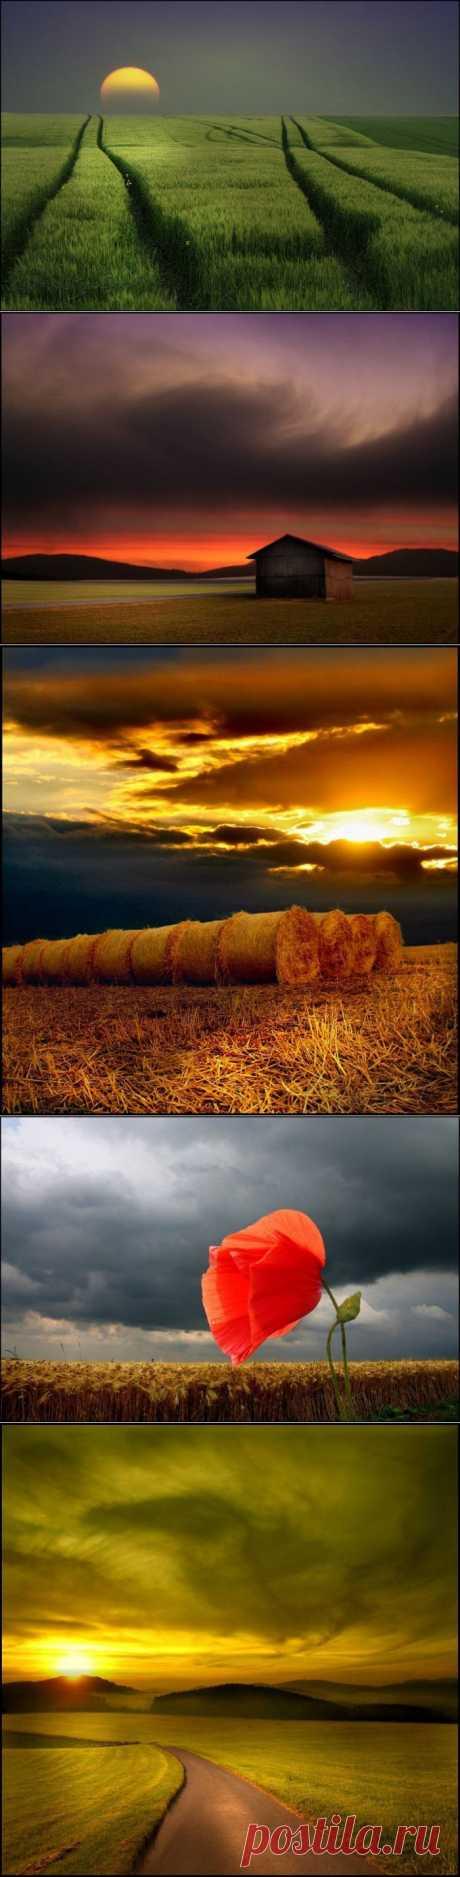 Красивейшие фотографии природы! (36 фото) » Загоны.ру - самый загонный сайт!